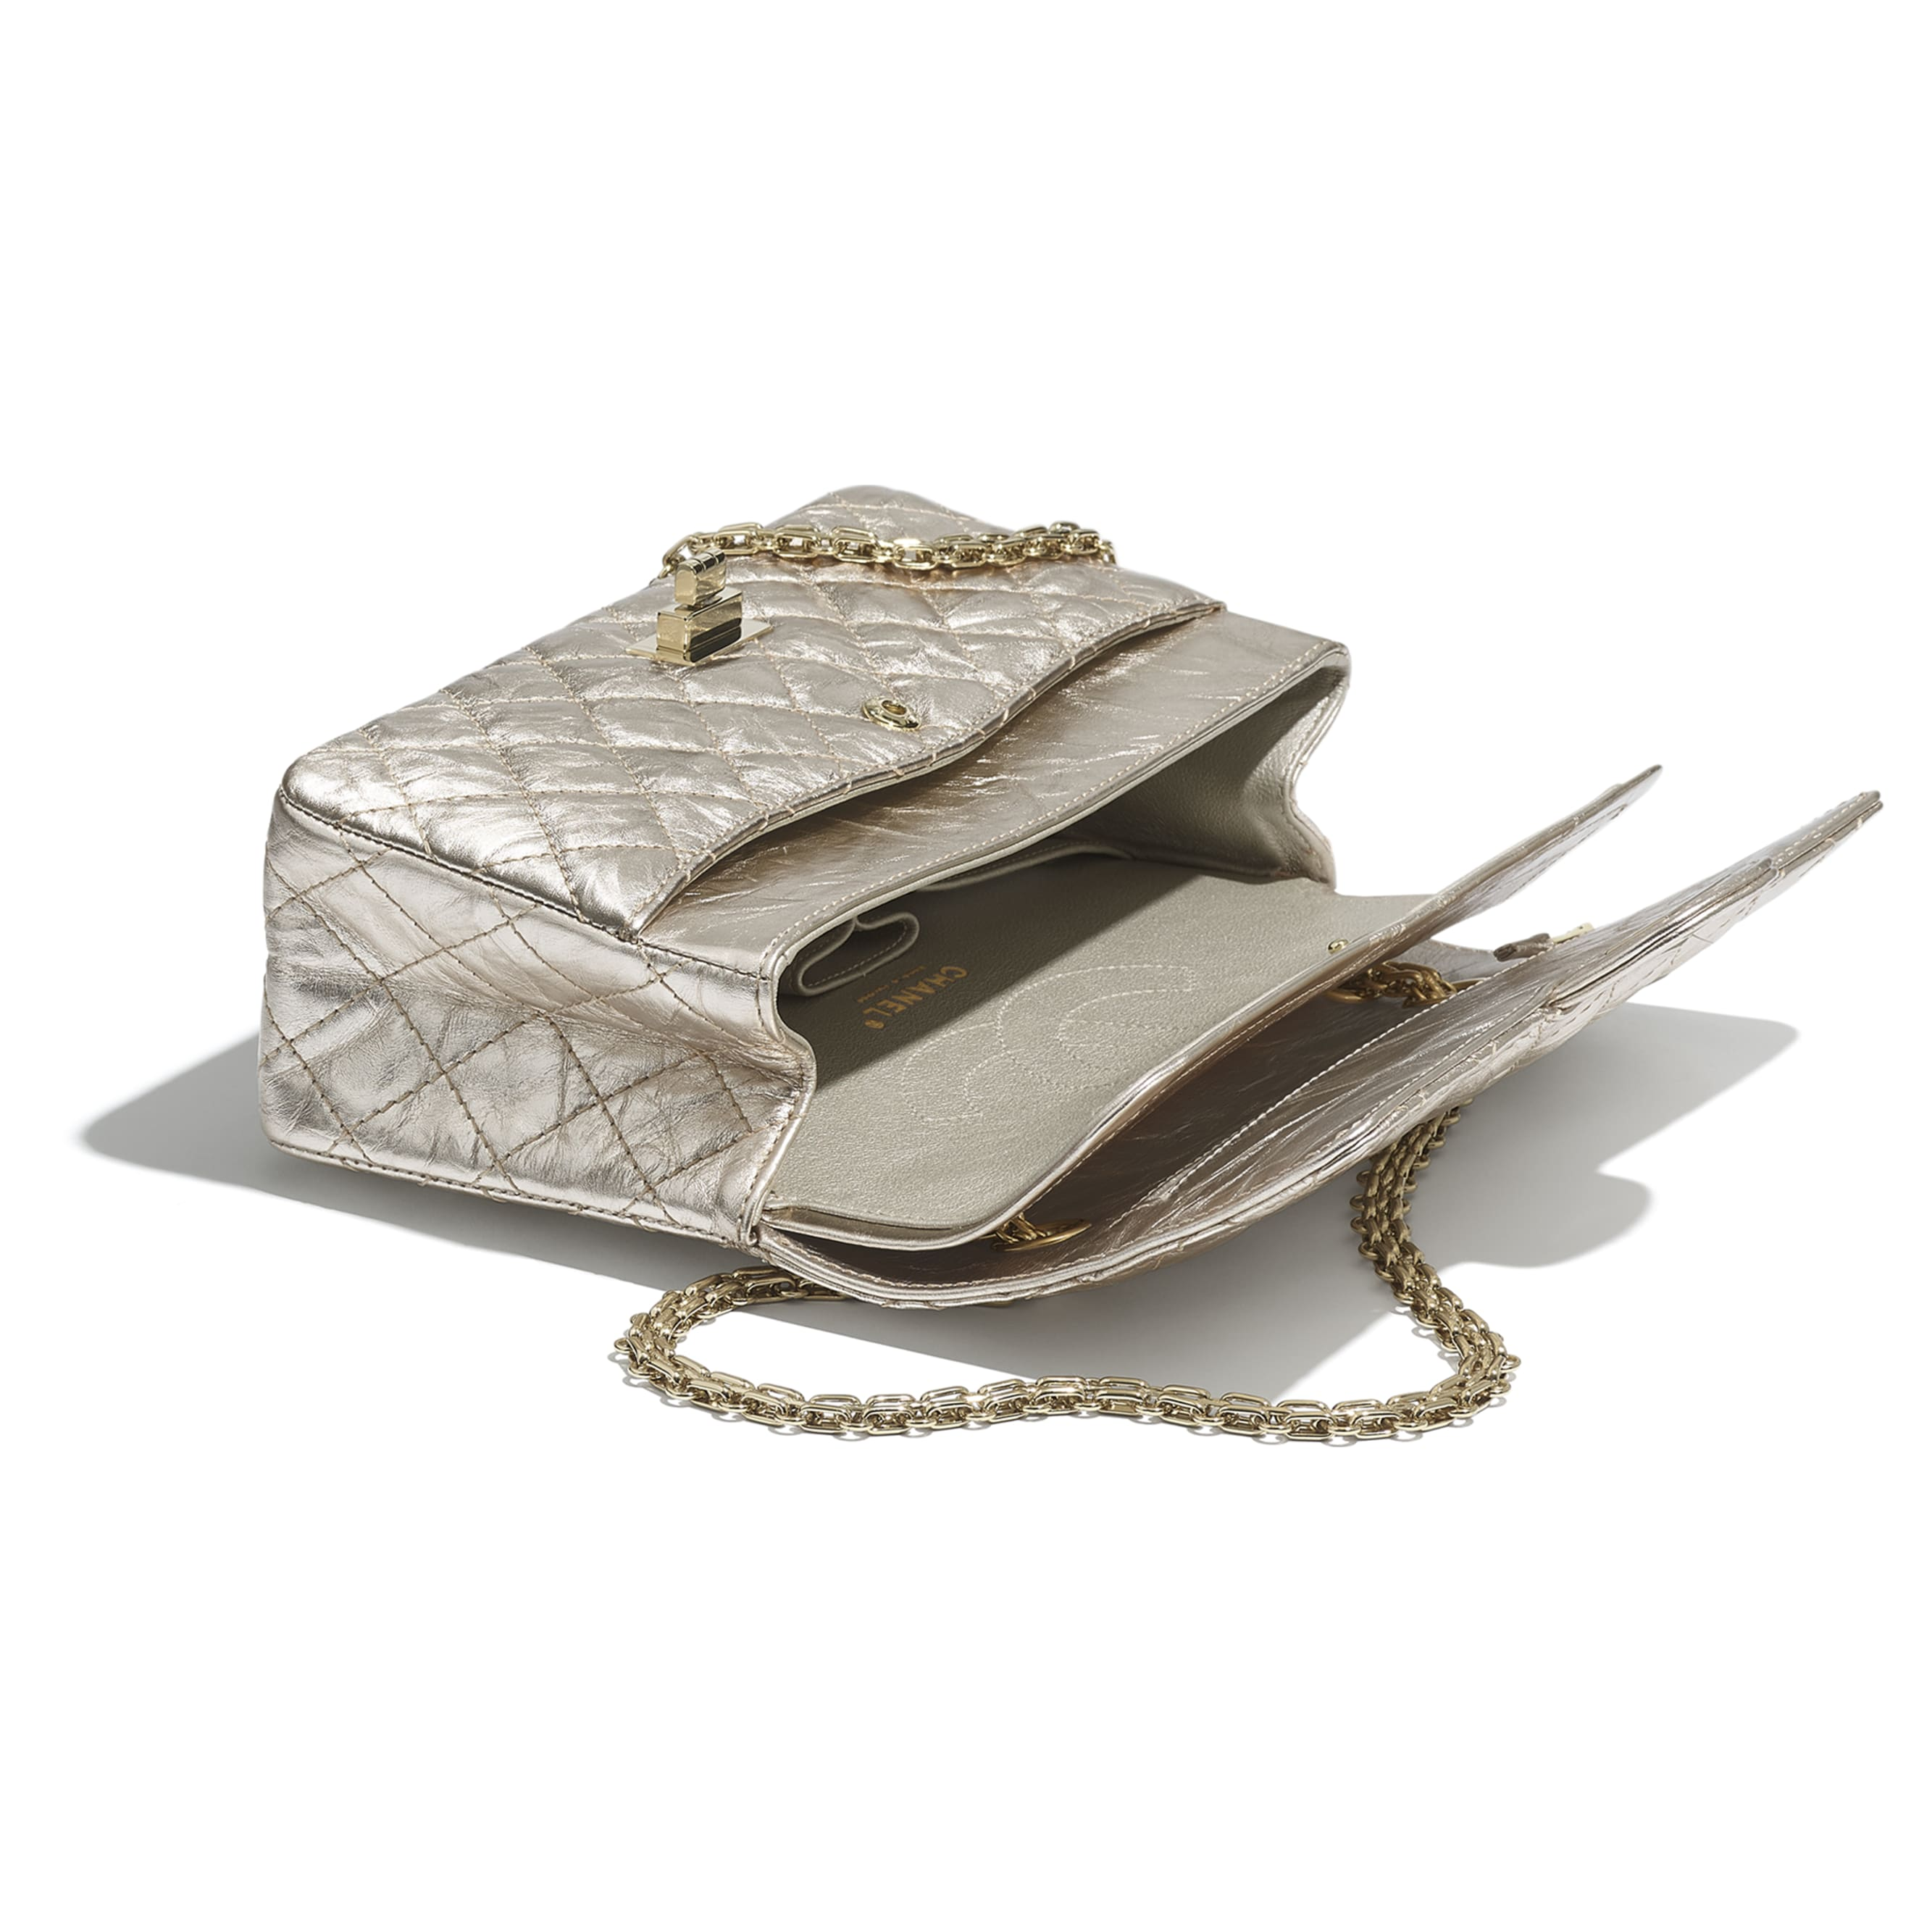 กระเป๋าสะพาย 2.55 - สีทองอ่อน - หนังลูกวัวย่นสีเมทัลลิกและโลหะสีทอง - CHANEL - มุมมองอื่น - ดูเวอร์ชันขนาดมาตรฐาน